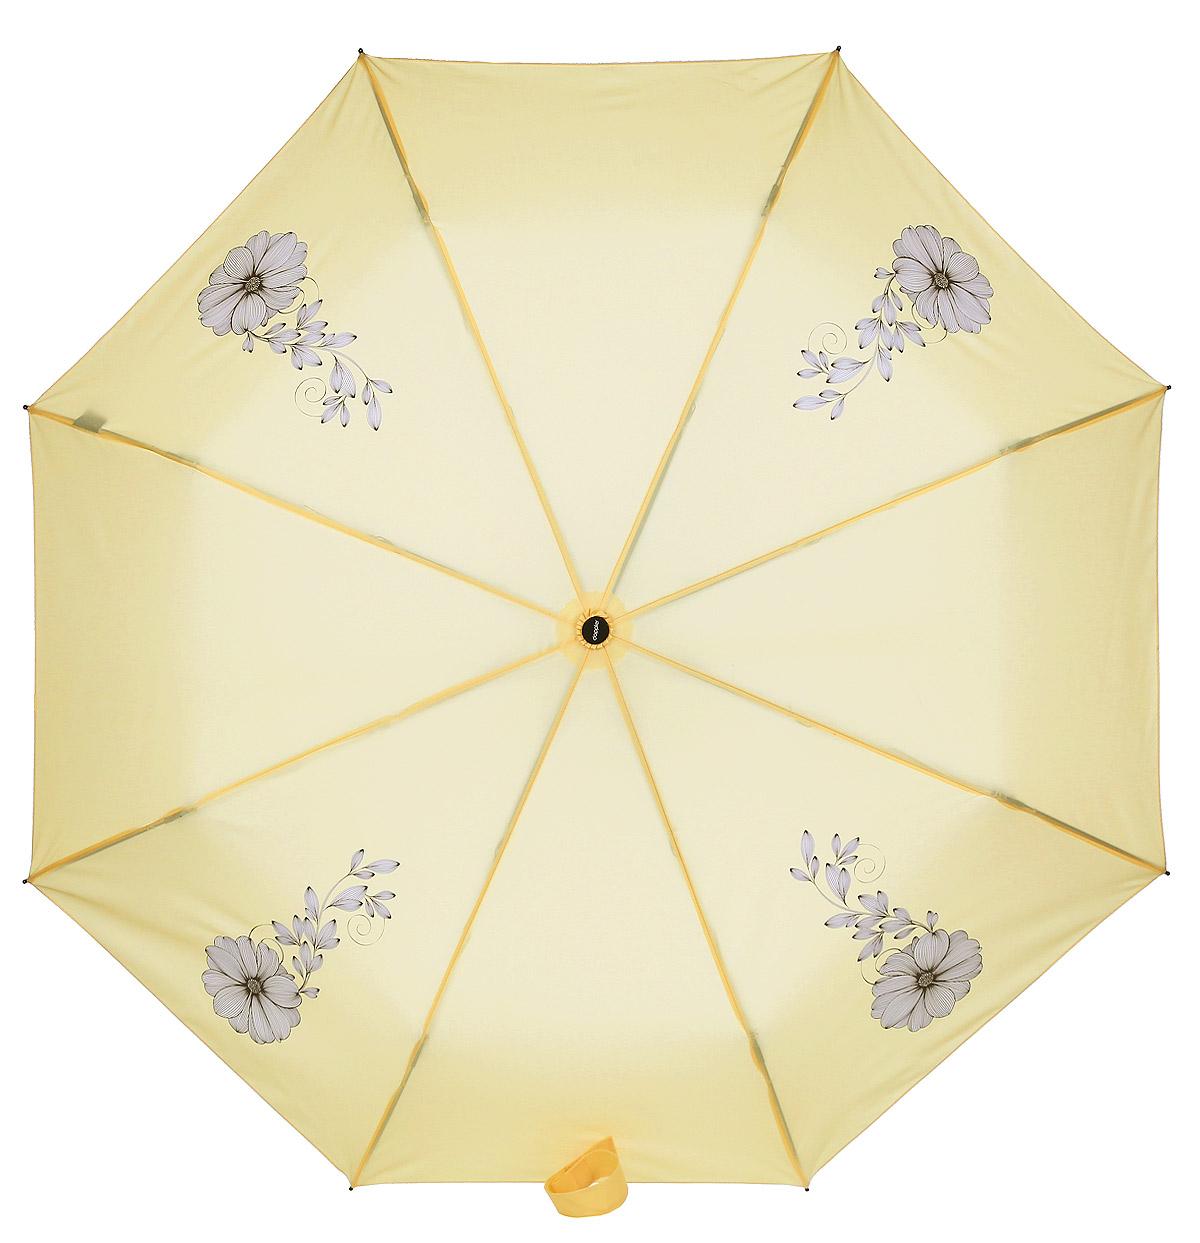 Doppler Зонт Flowers, 3 сложения, система антиветер, лакированная ручка. 7441465F yellow7441465F yellowЗонт Doppler, всемирно известный бренд, имеющий многолетнюю традицию.